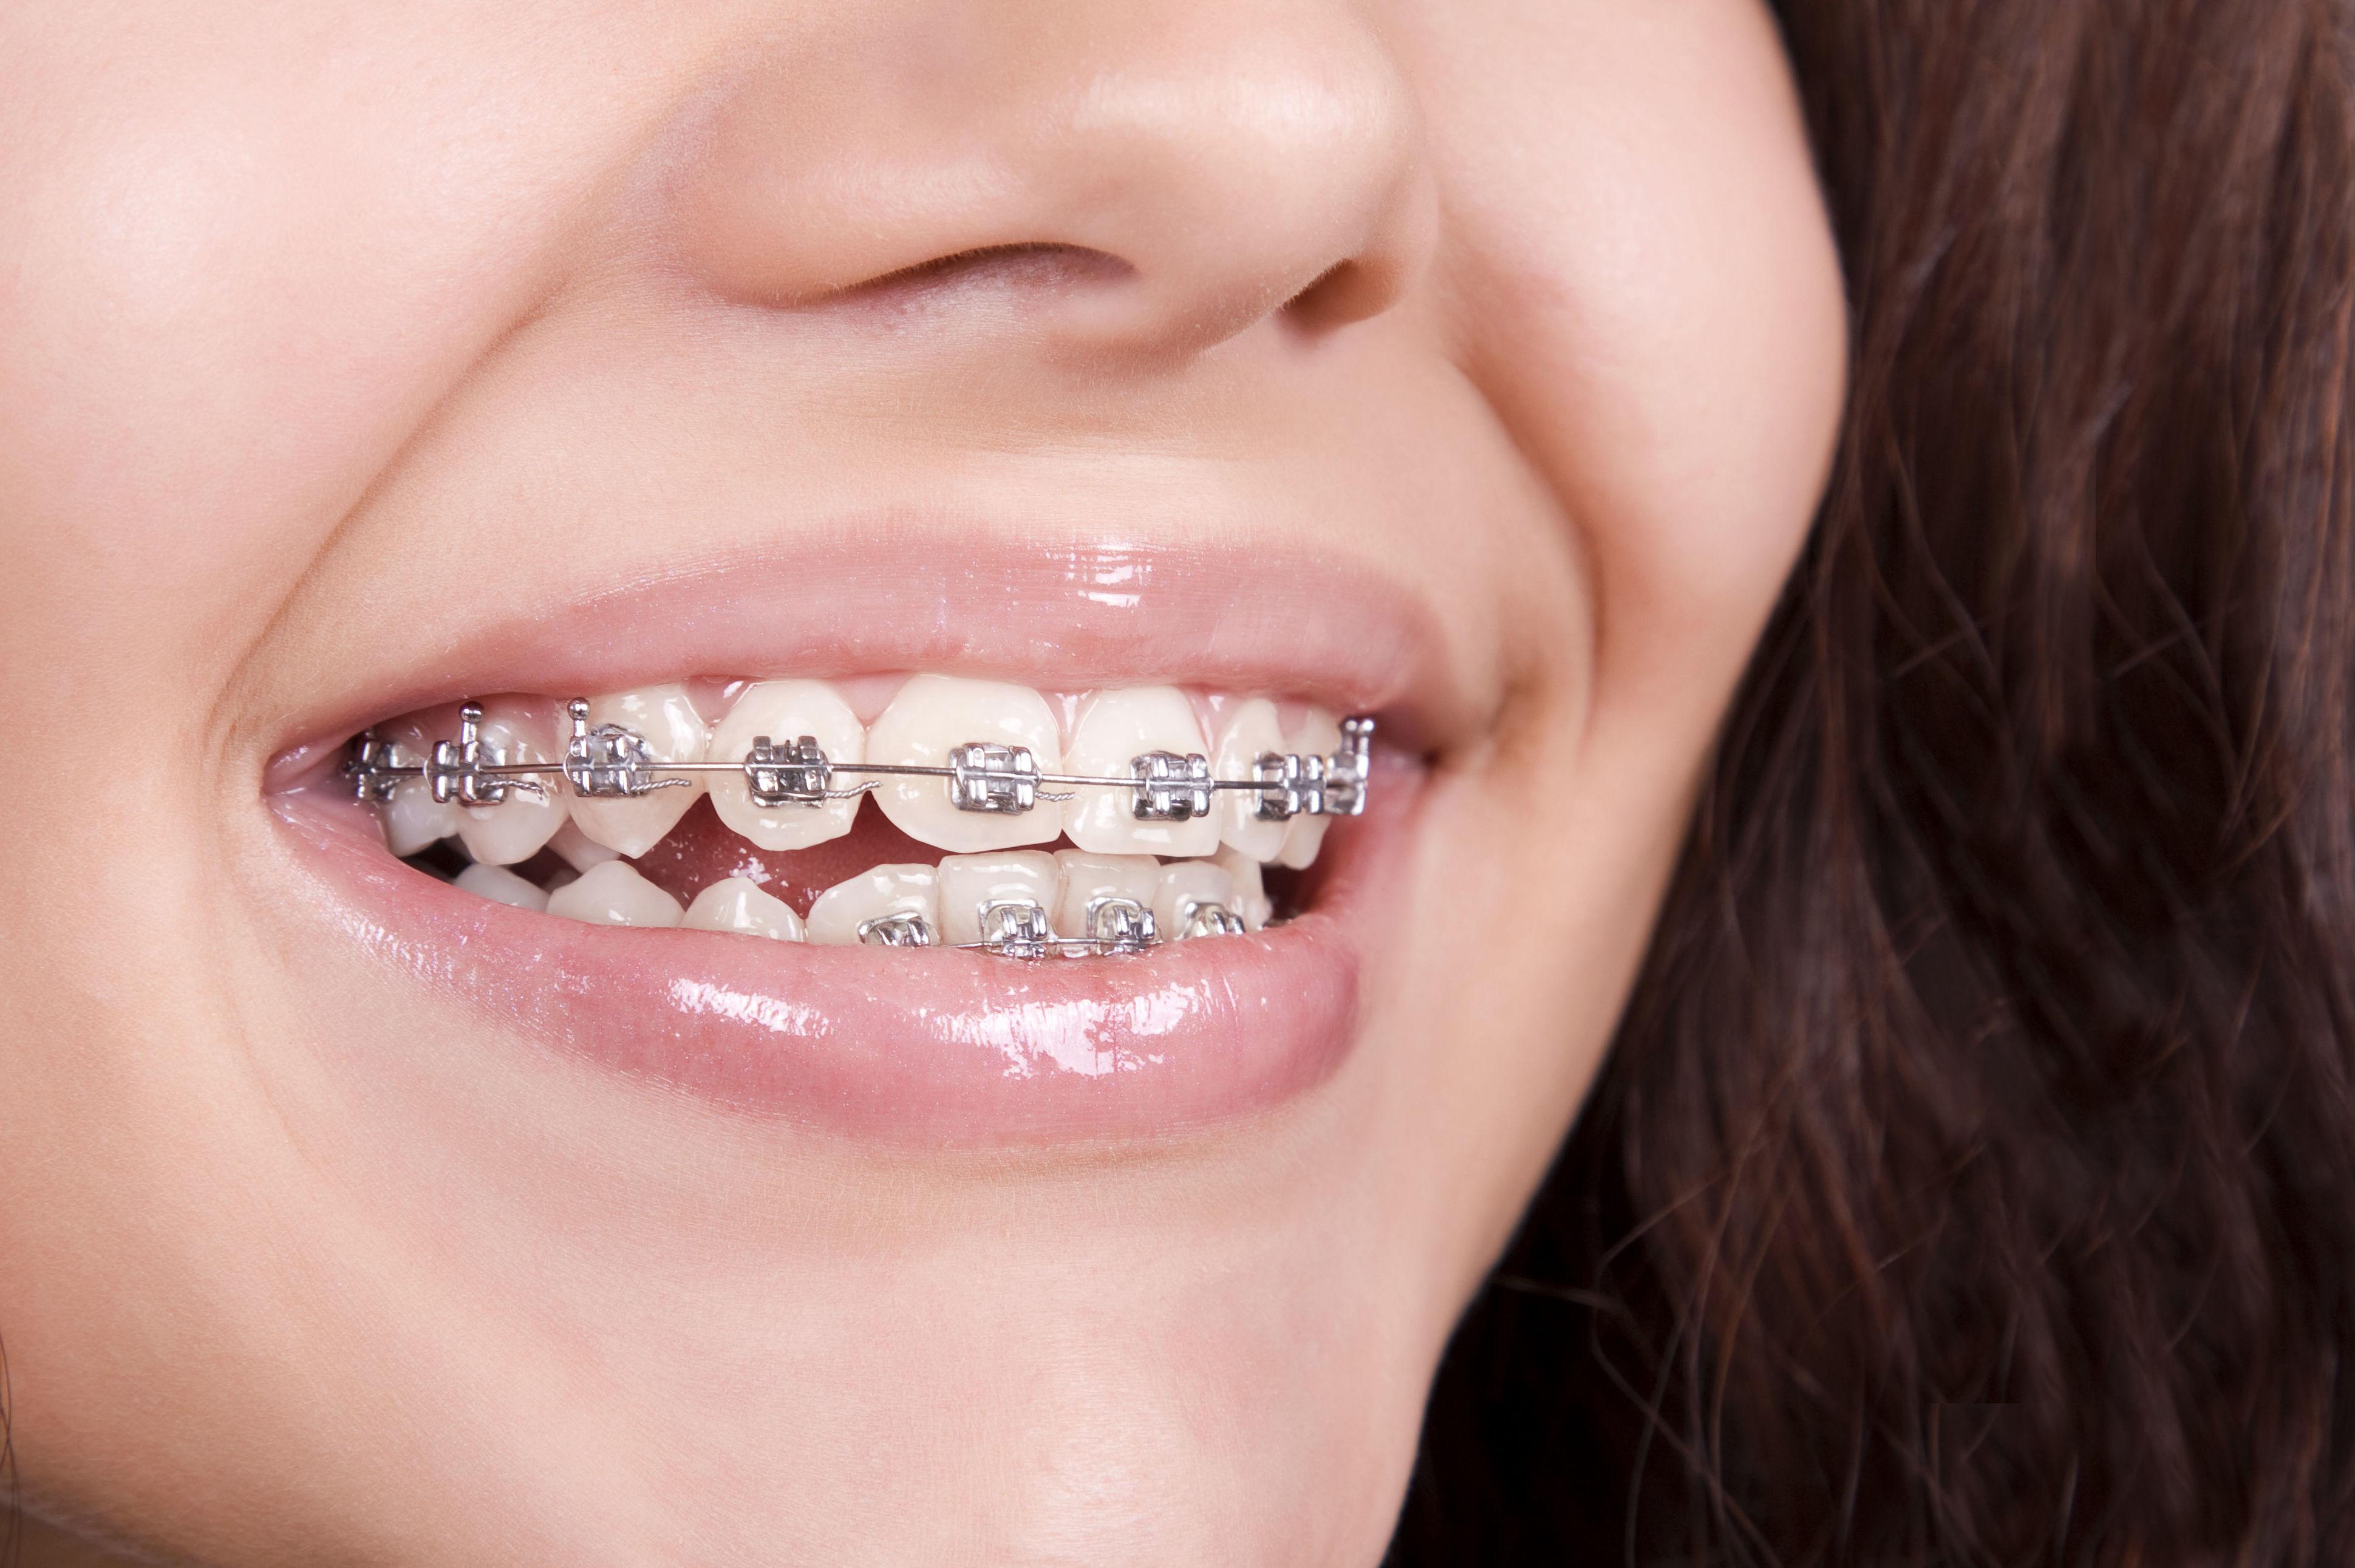 Aprovechando tendencias en ortodoncia